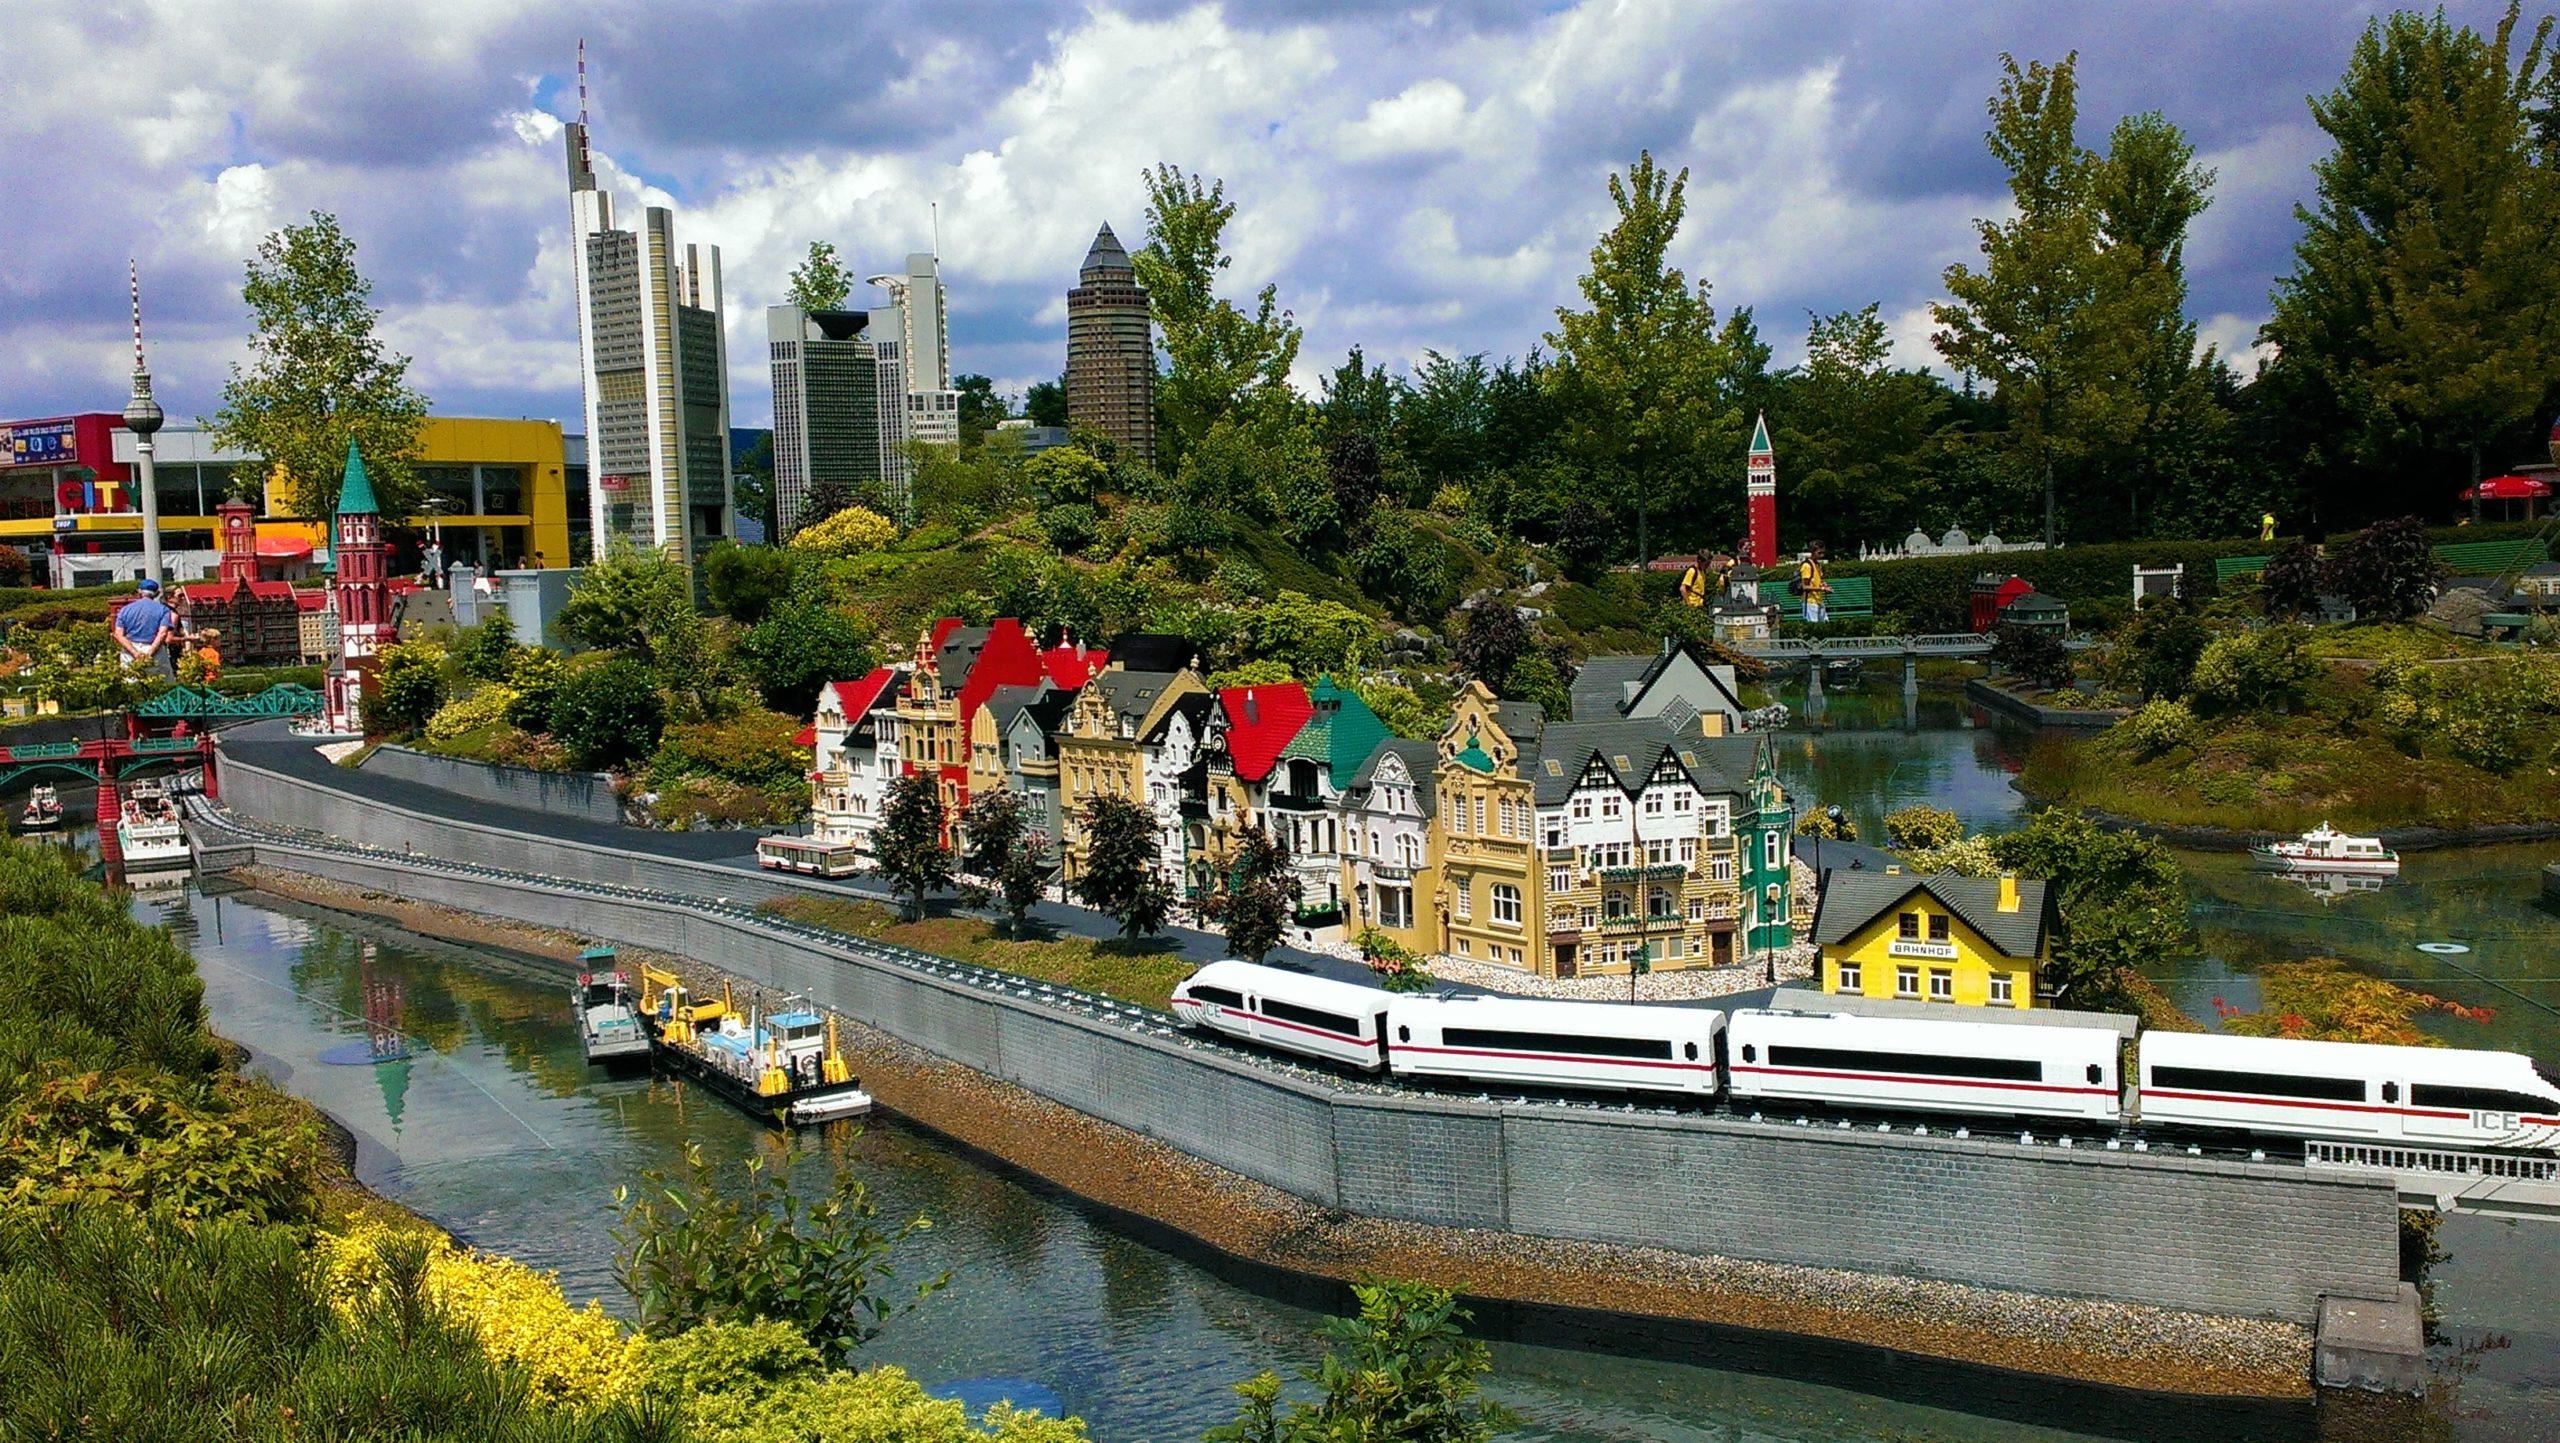 Stiftung vergibt Freikarten für das Legoland Deutschland